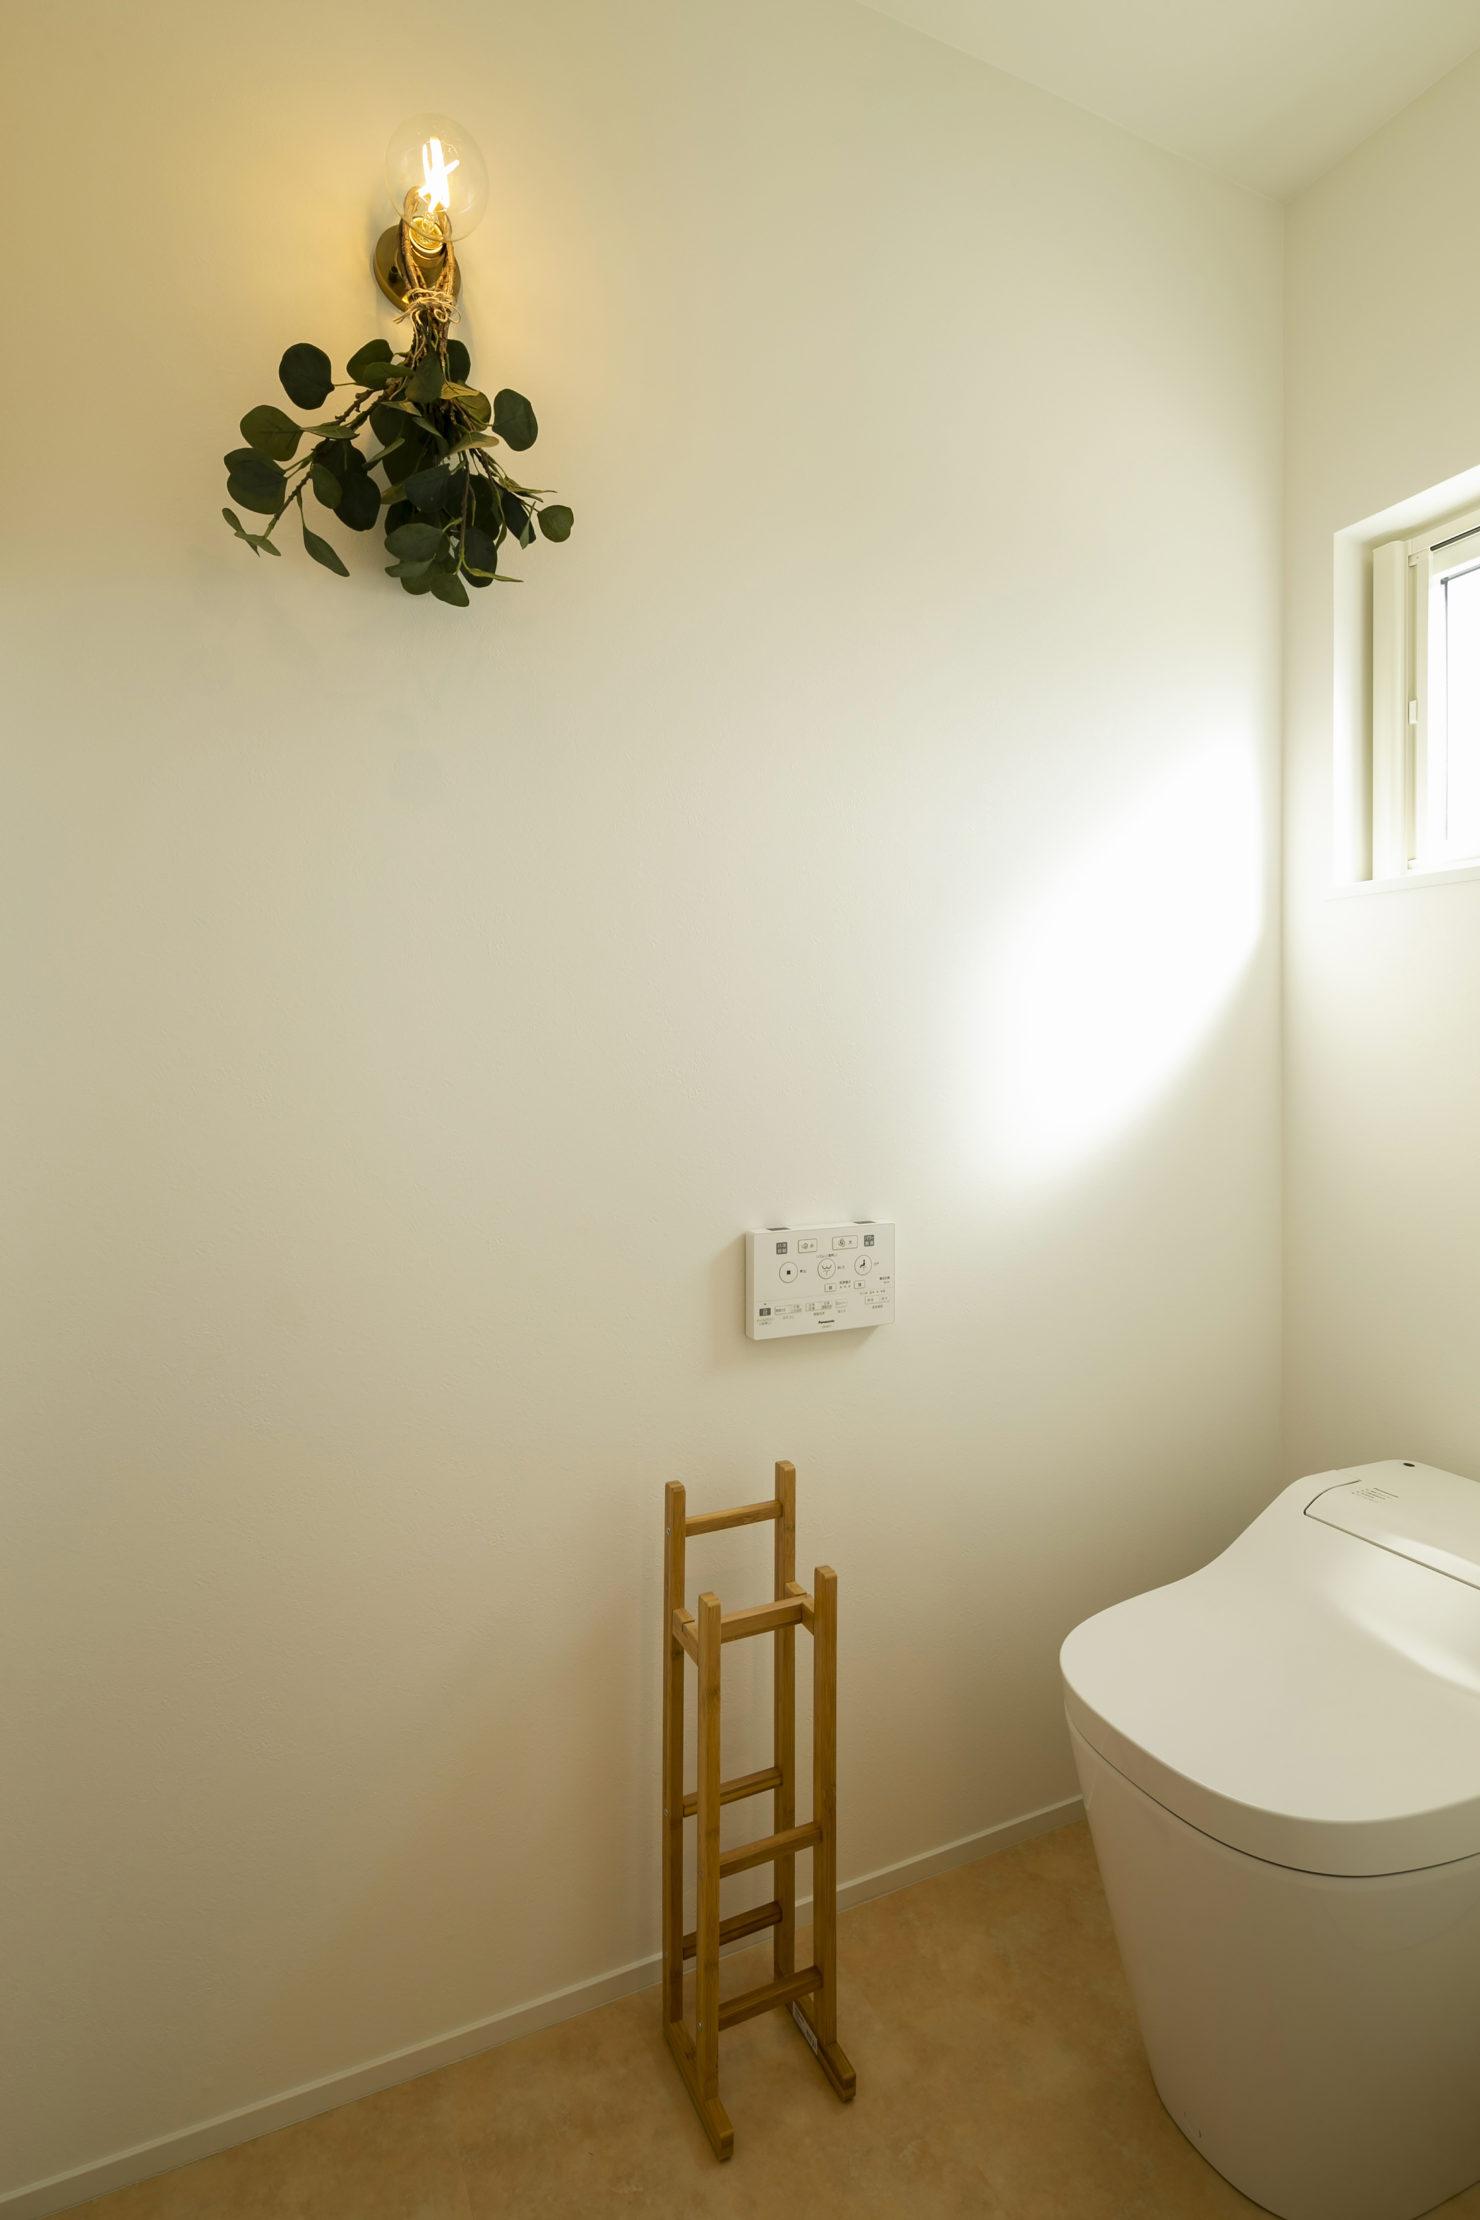 ハウスM21 北上市村崎野建売住宅 トイレ写真